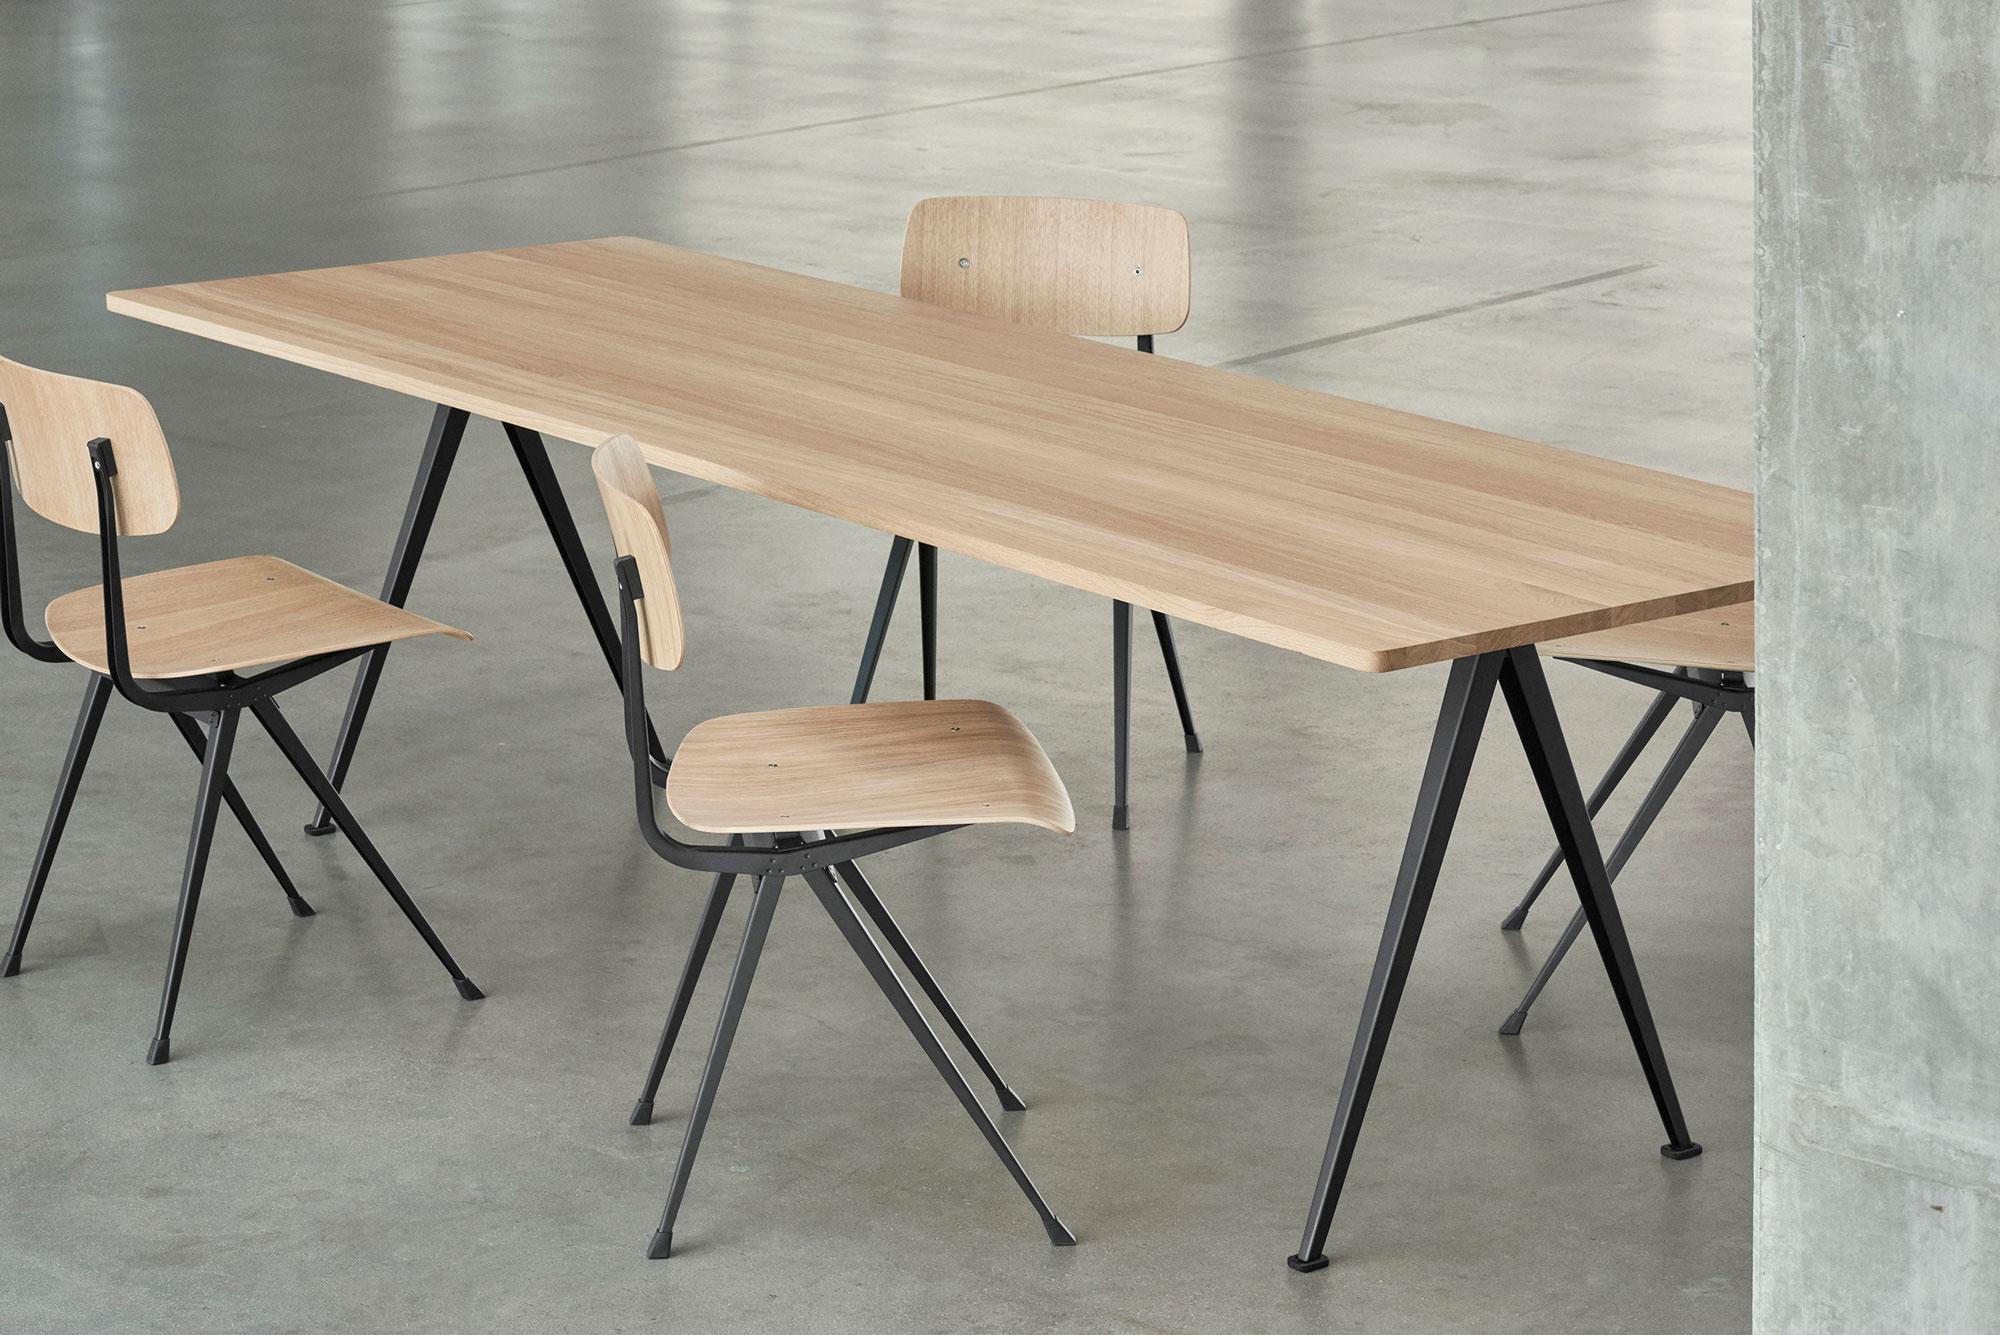 Hay Result Stoel : Result chair svart klarlackad ek stol hay länna möbler